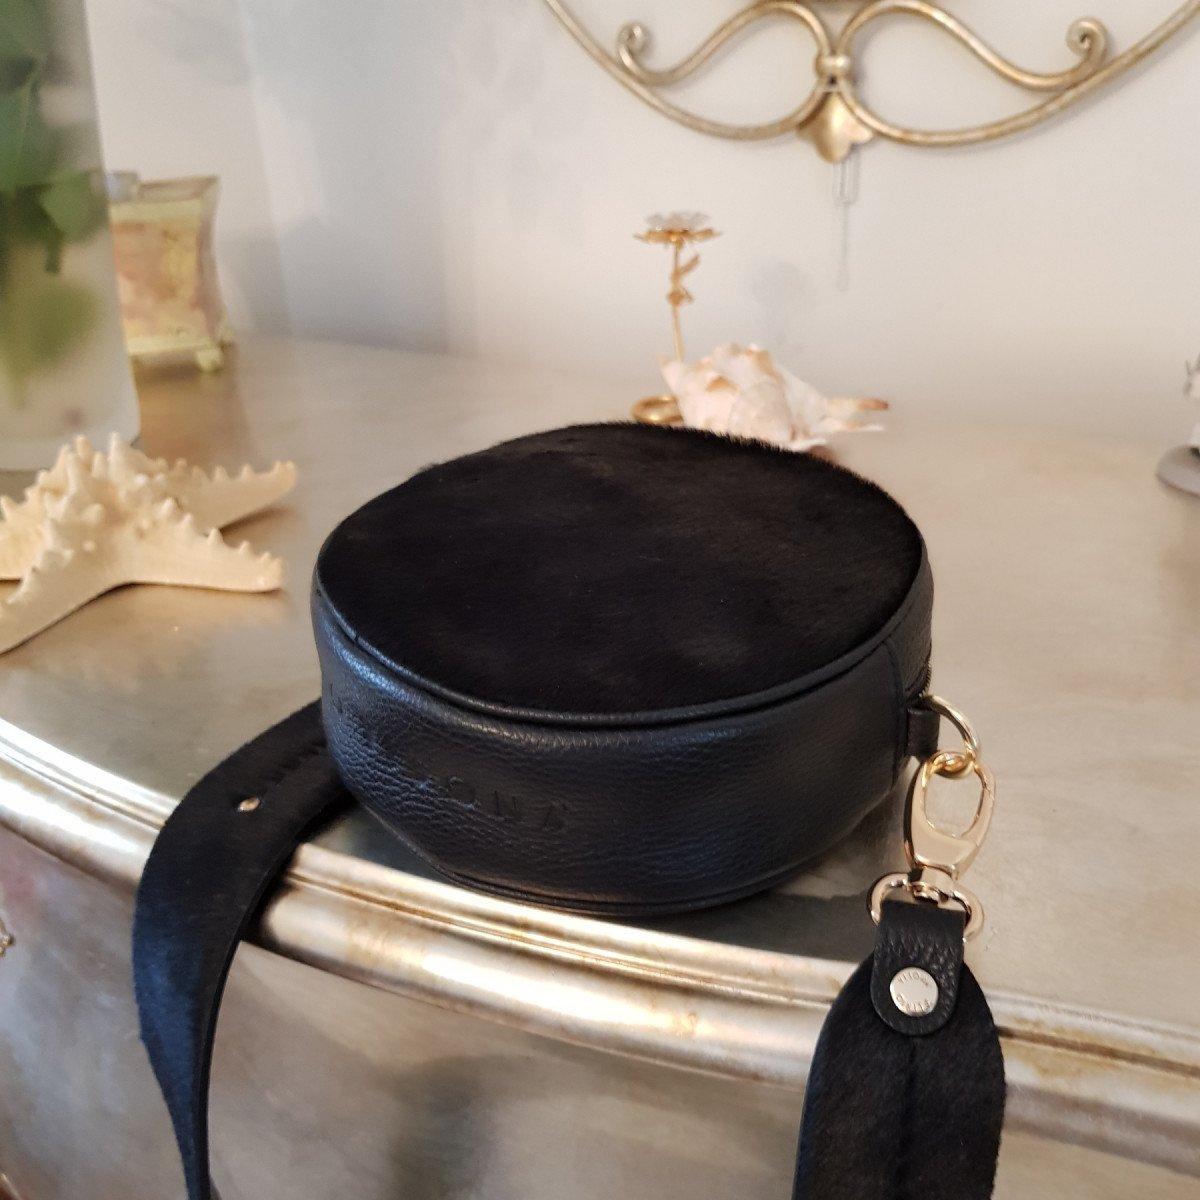 Женская кожаная сумка Plinio Visona 20593 Pony/Cal. NERO из натуральной кожи